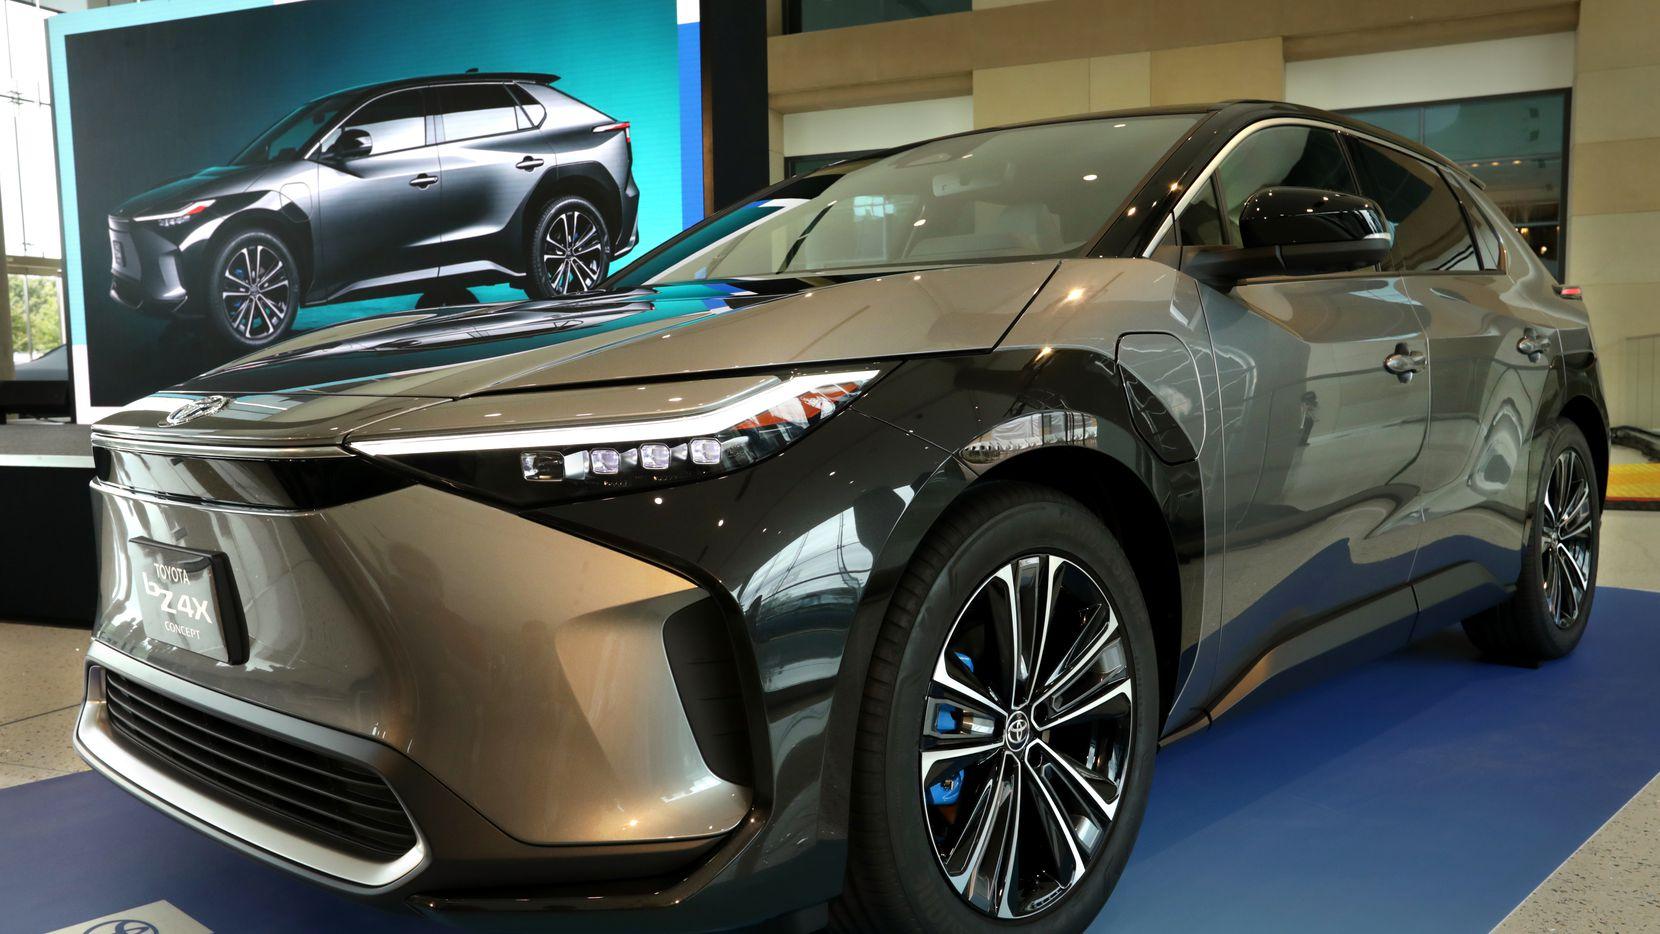 El nuevo Toyota BZ4X fue presentado esta semana en la sede de Toyota en Plano. El BZ4X es la apuesta de Toyota en el mercado de vehículos eléctricos.